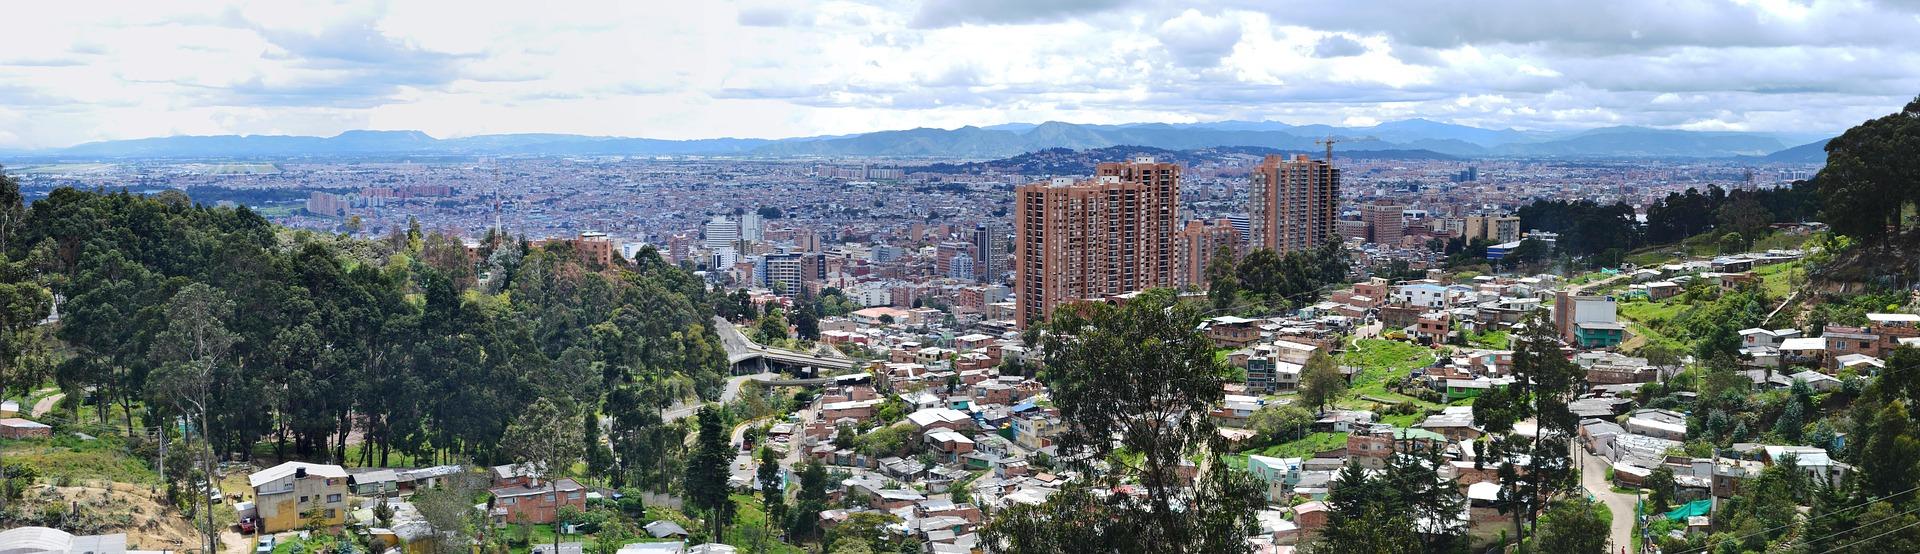 Bogotanos pesimistas sobre la marcha actual de la ciudad